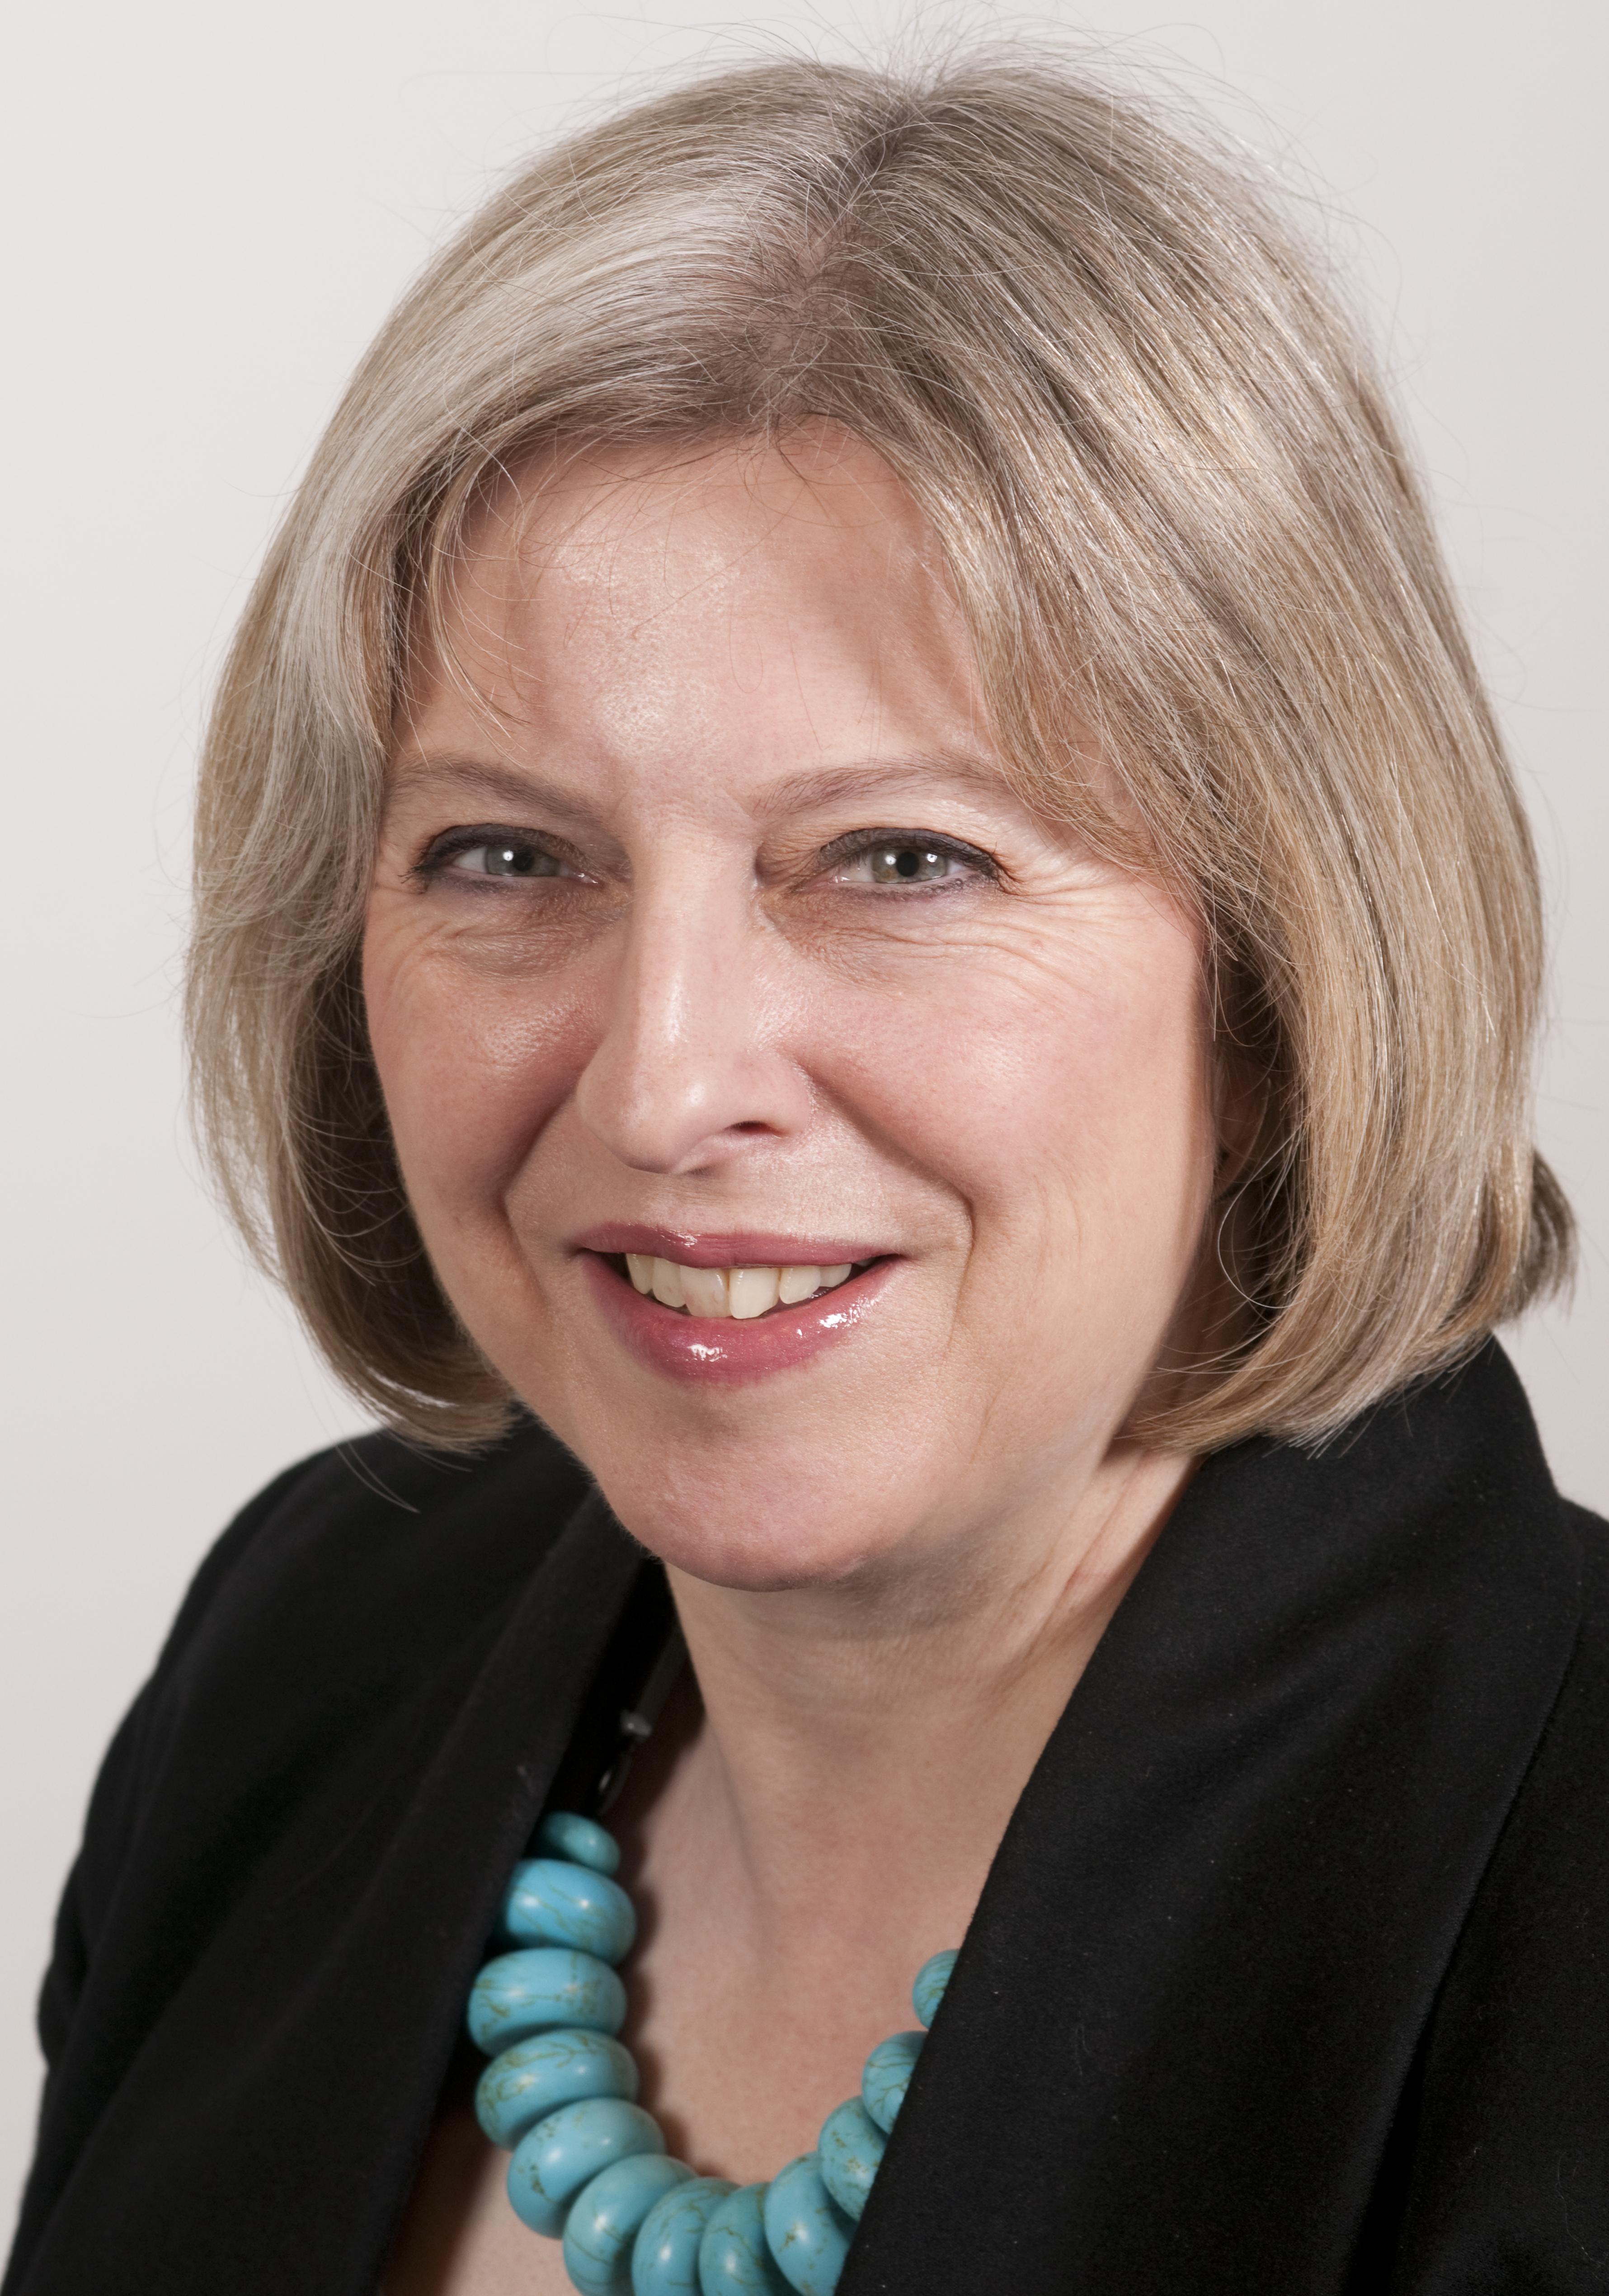 Theresa_May_PM